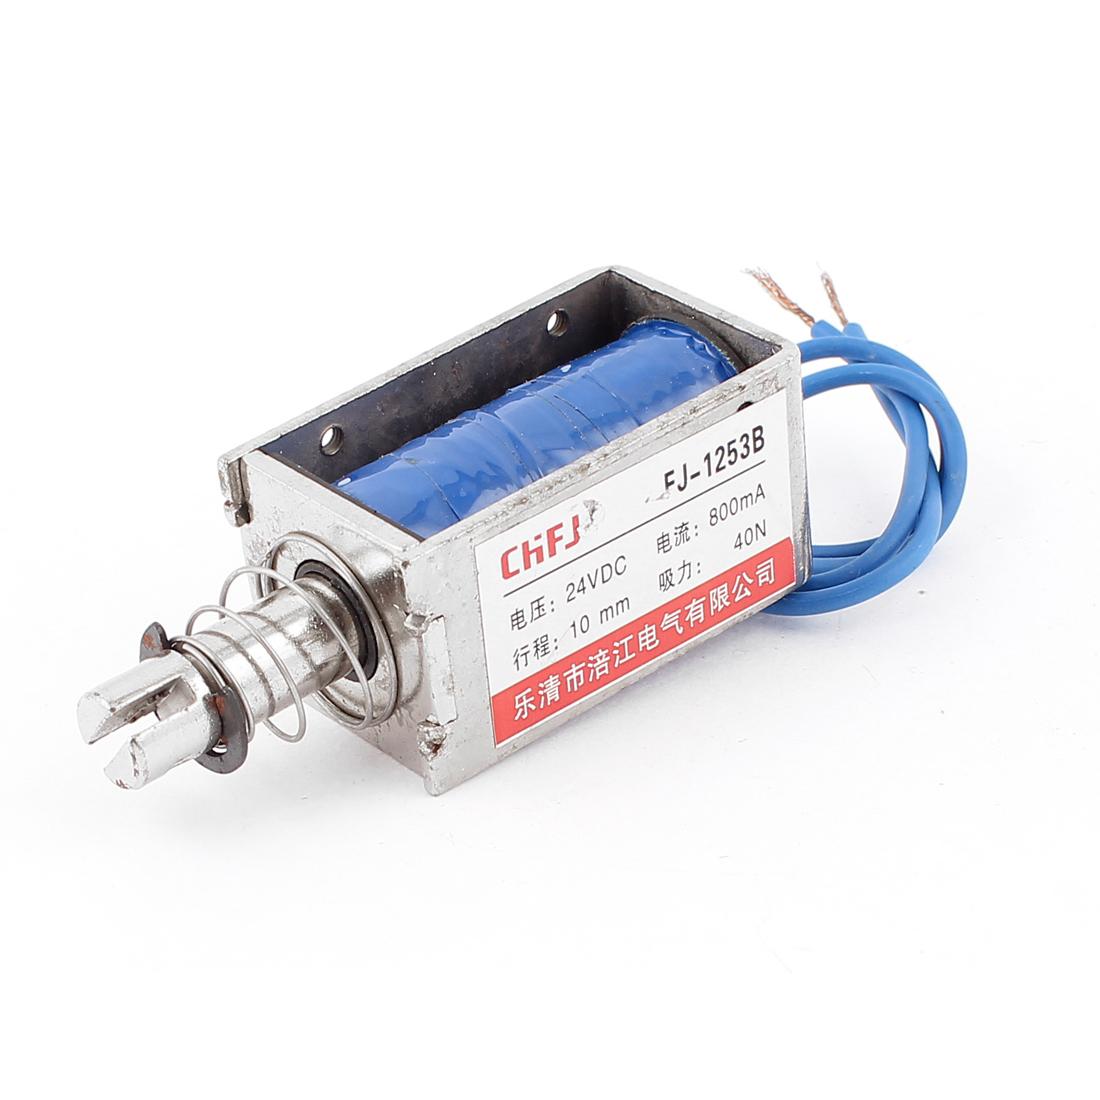 Push Pull Type DIY DC Electromagnet Magnet Solenoid 10mm 40N DC 24V 0.8A